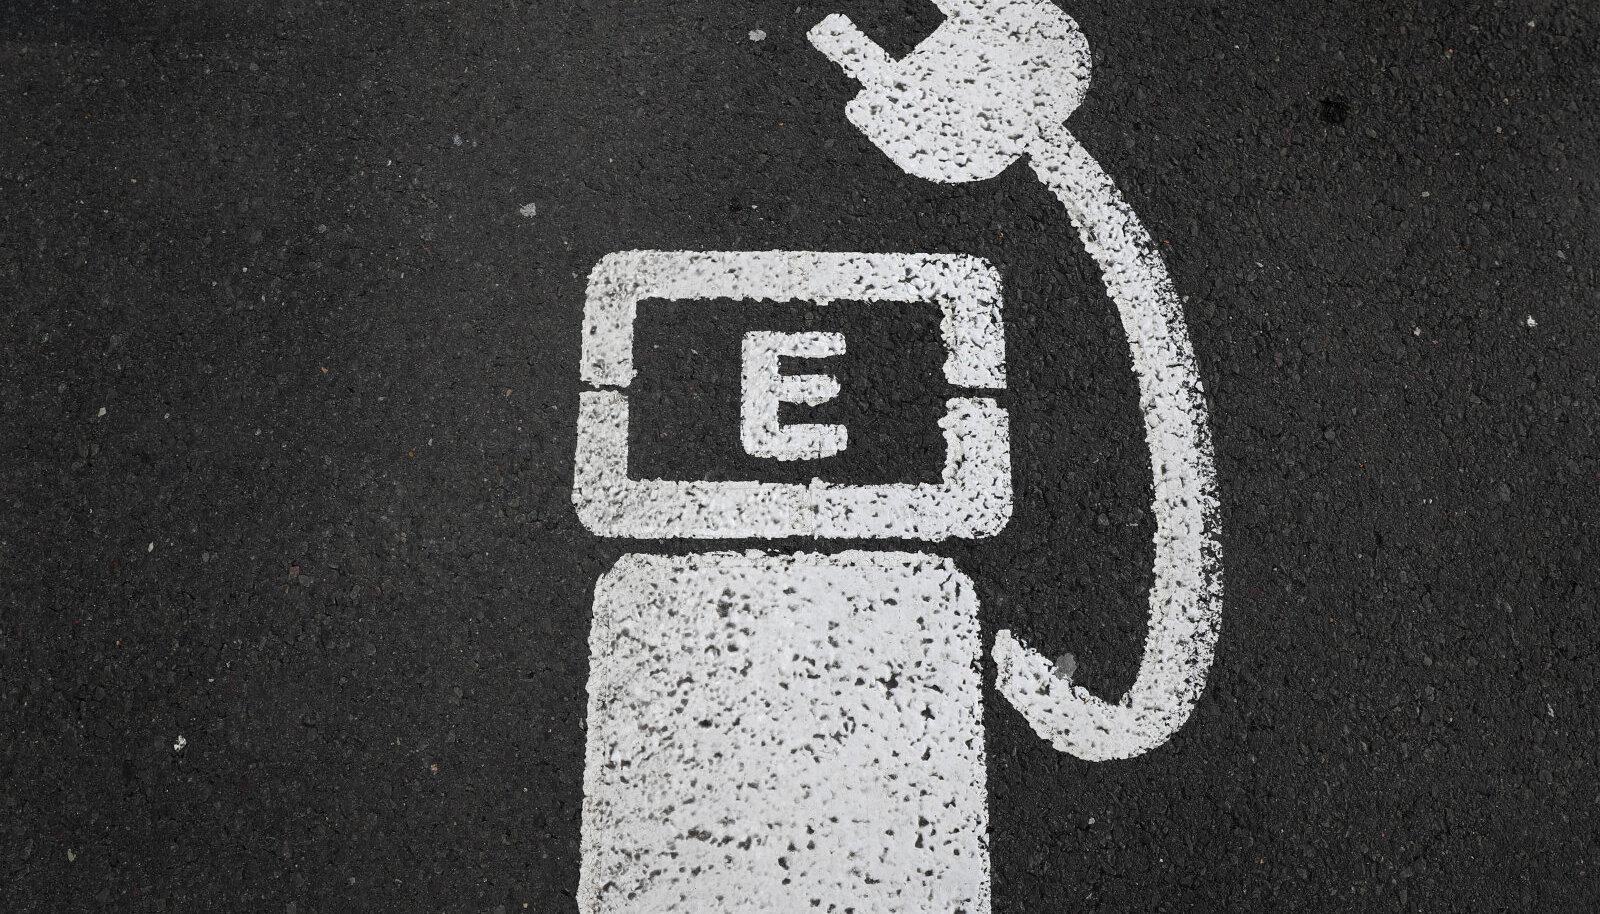 Elektriautode laadimiskohta tähistav märk Saksamaal